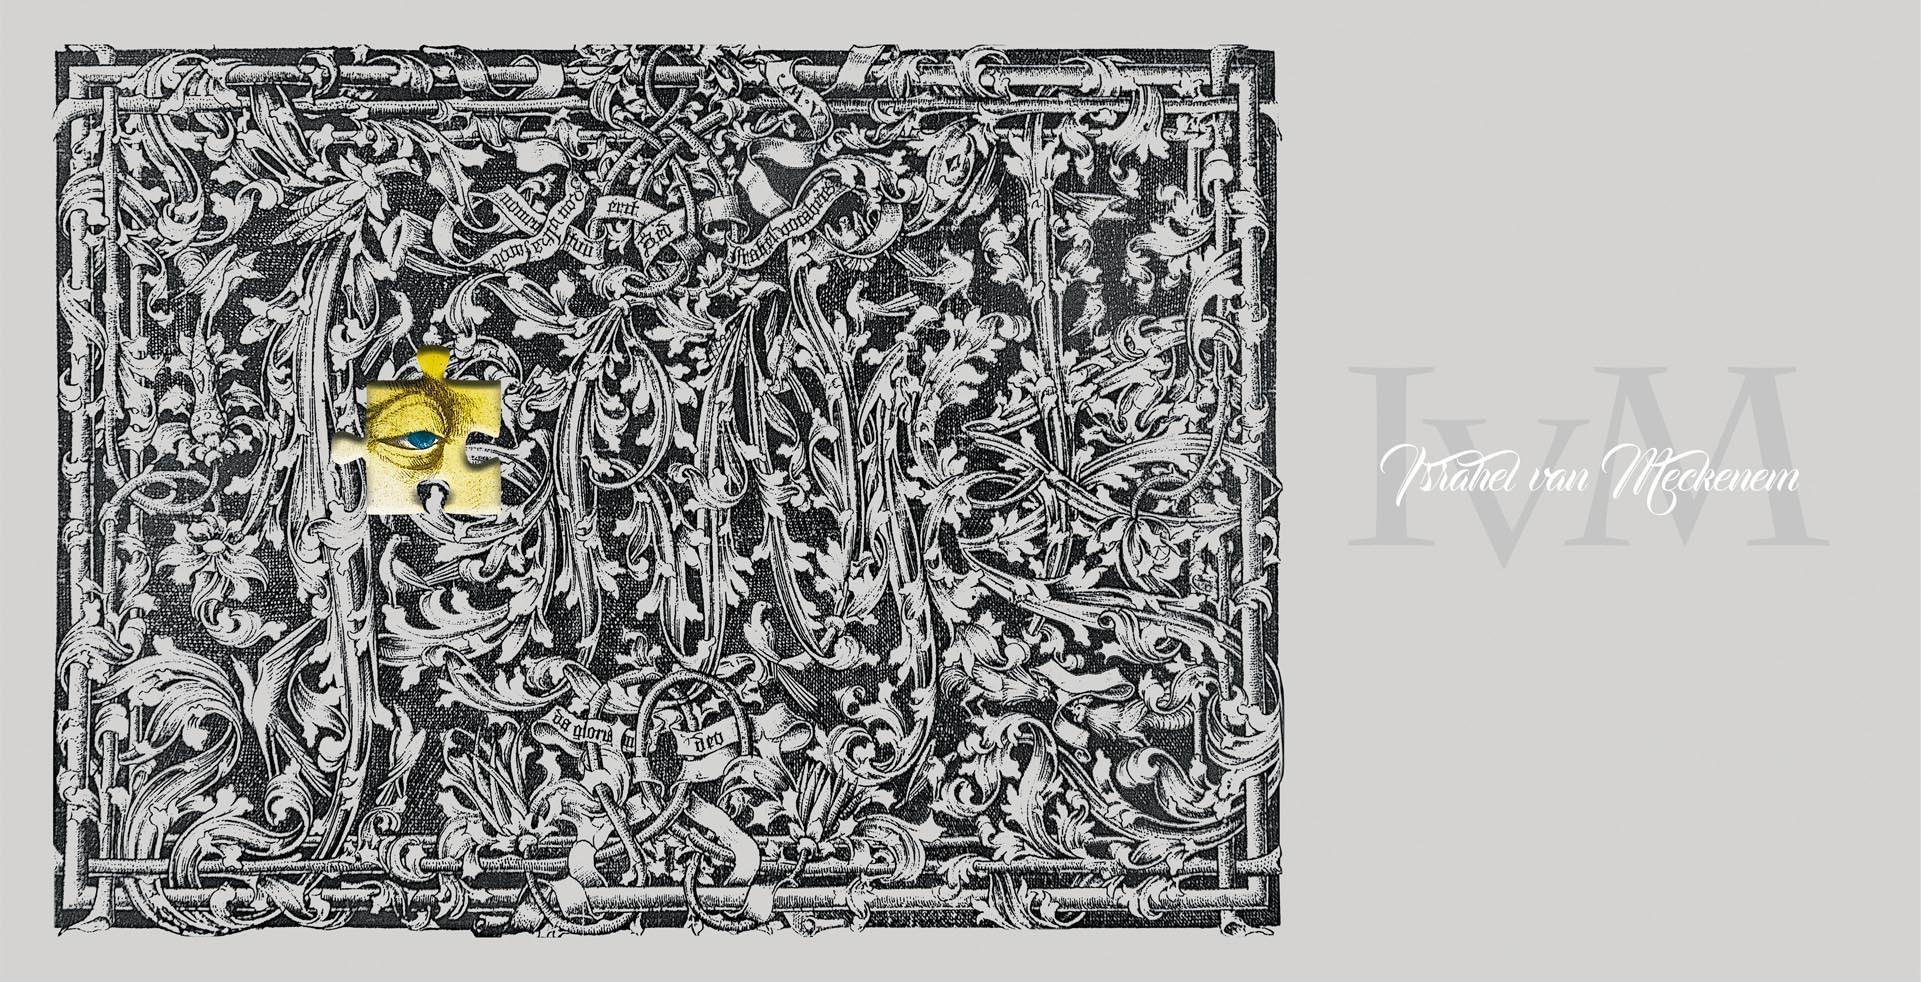 Israhel van Meckenem Kupferstich mitPuzzle